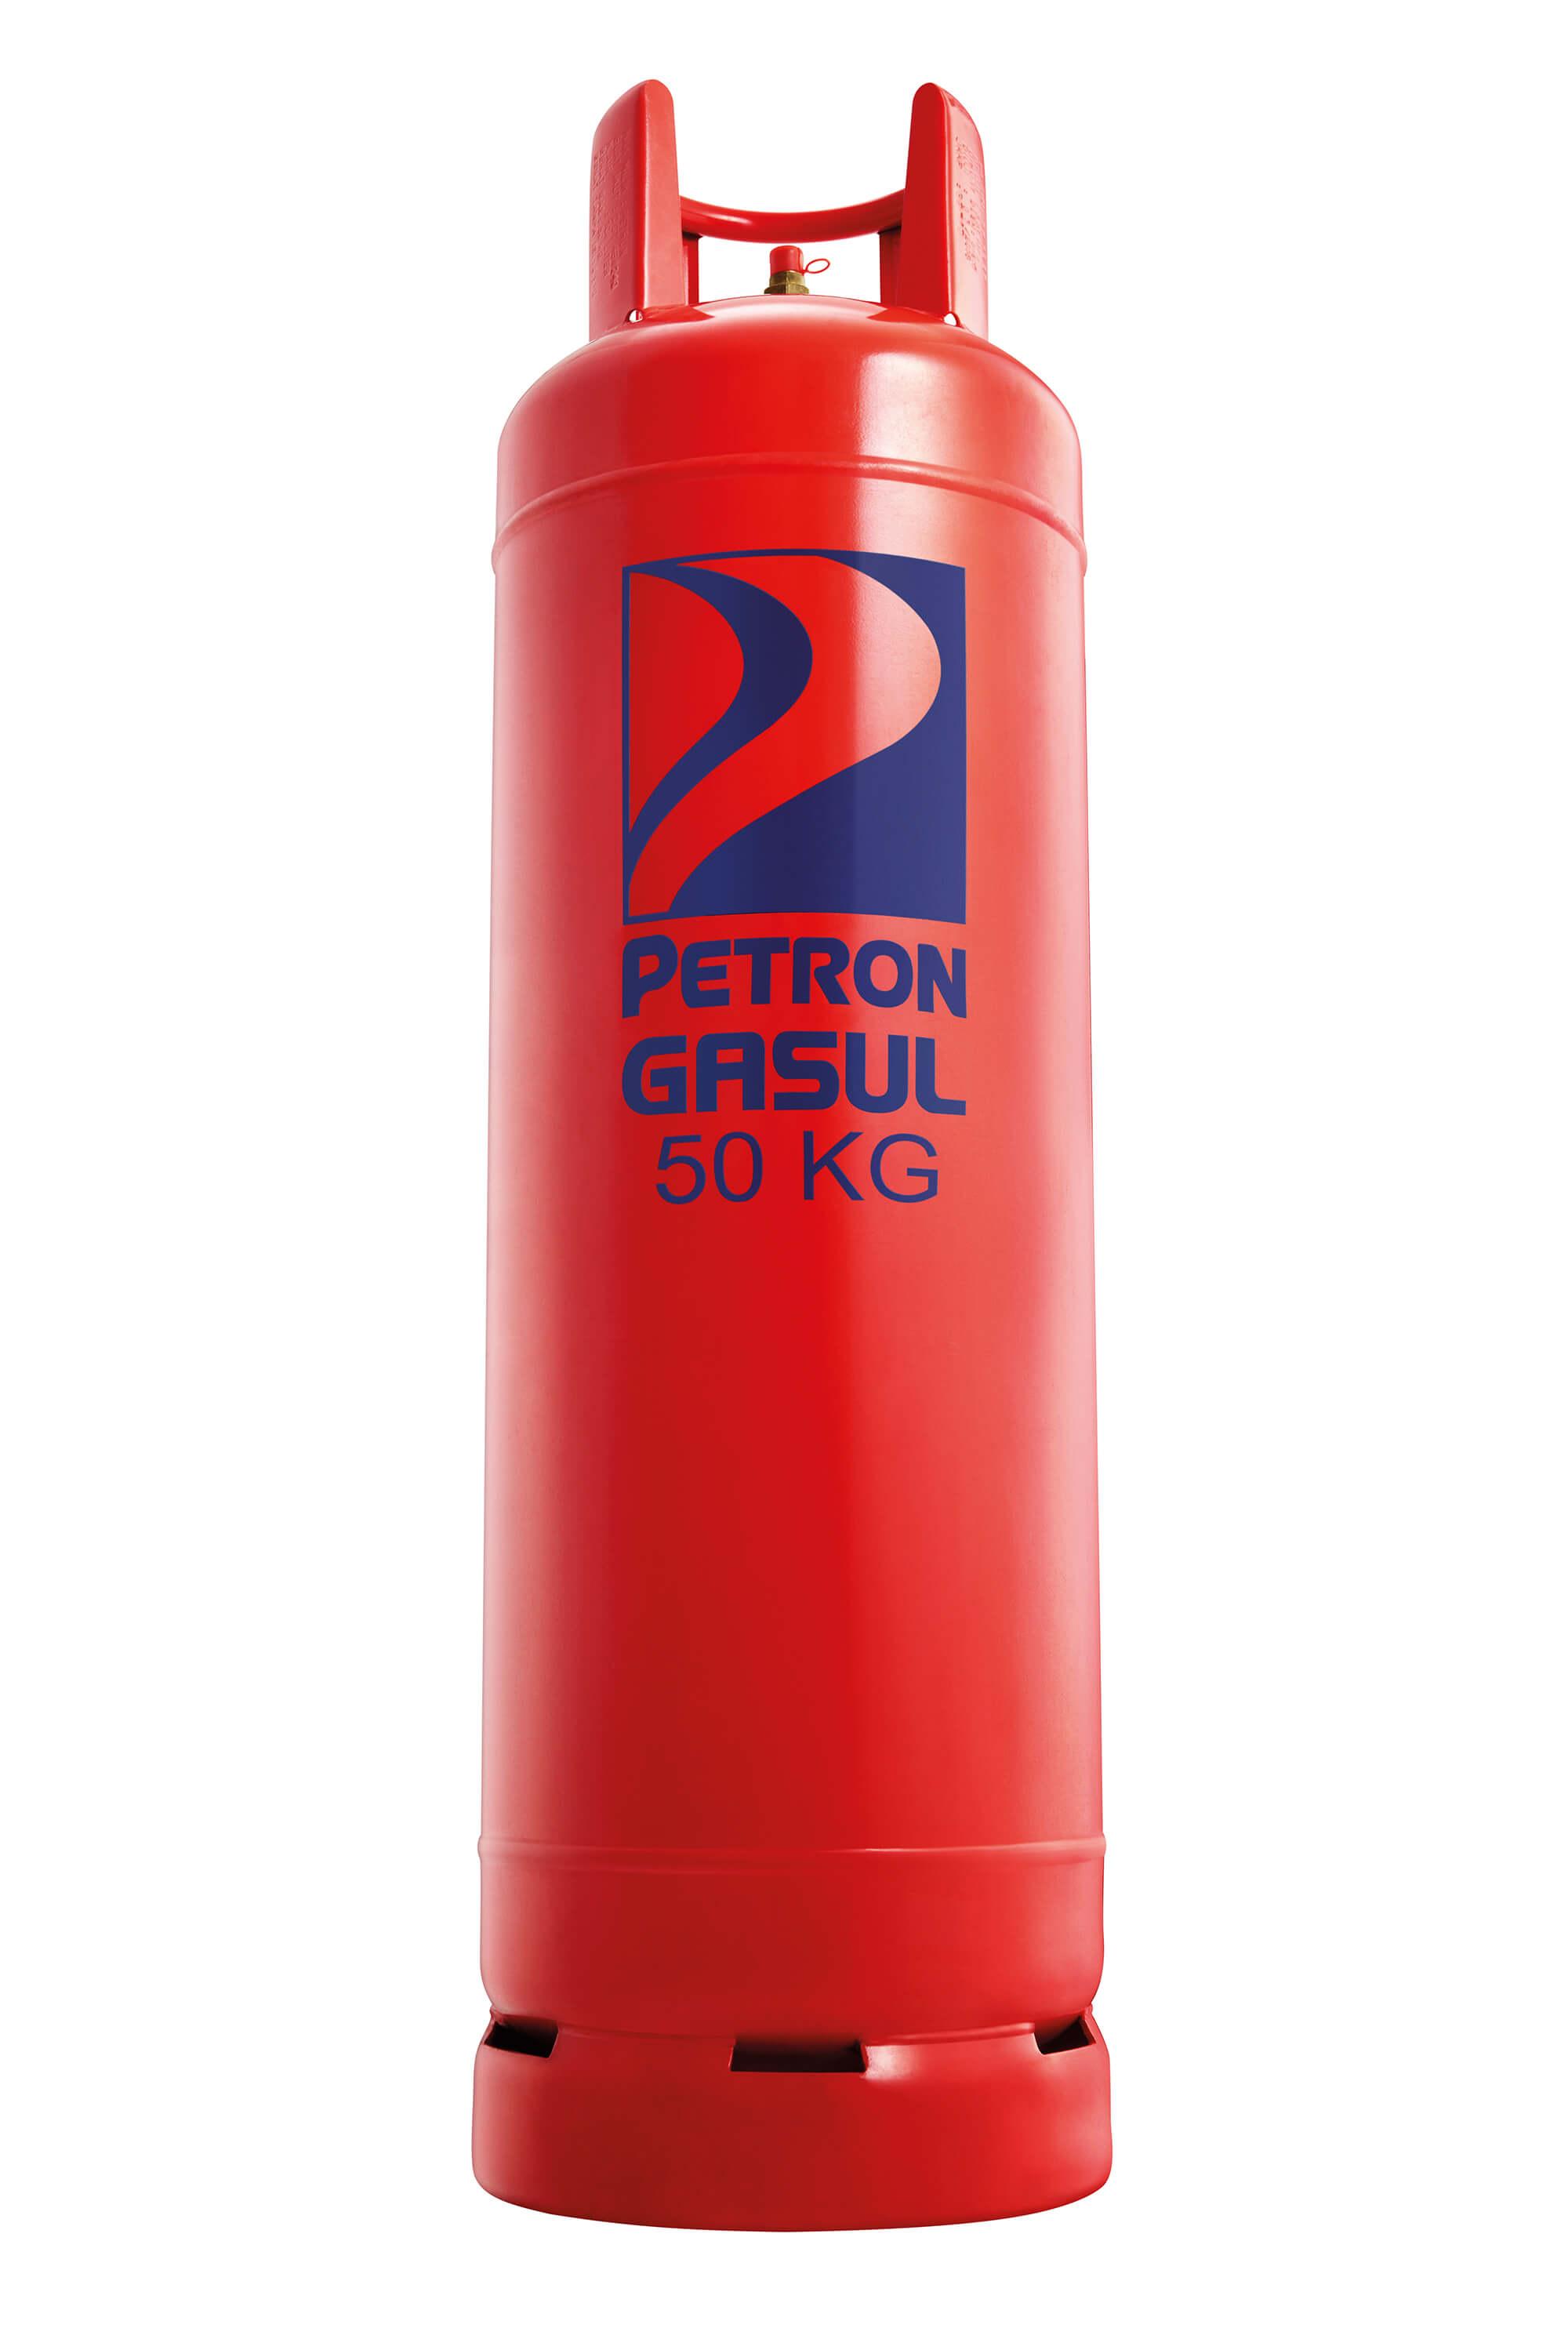 Petron Gasul 50kg